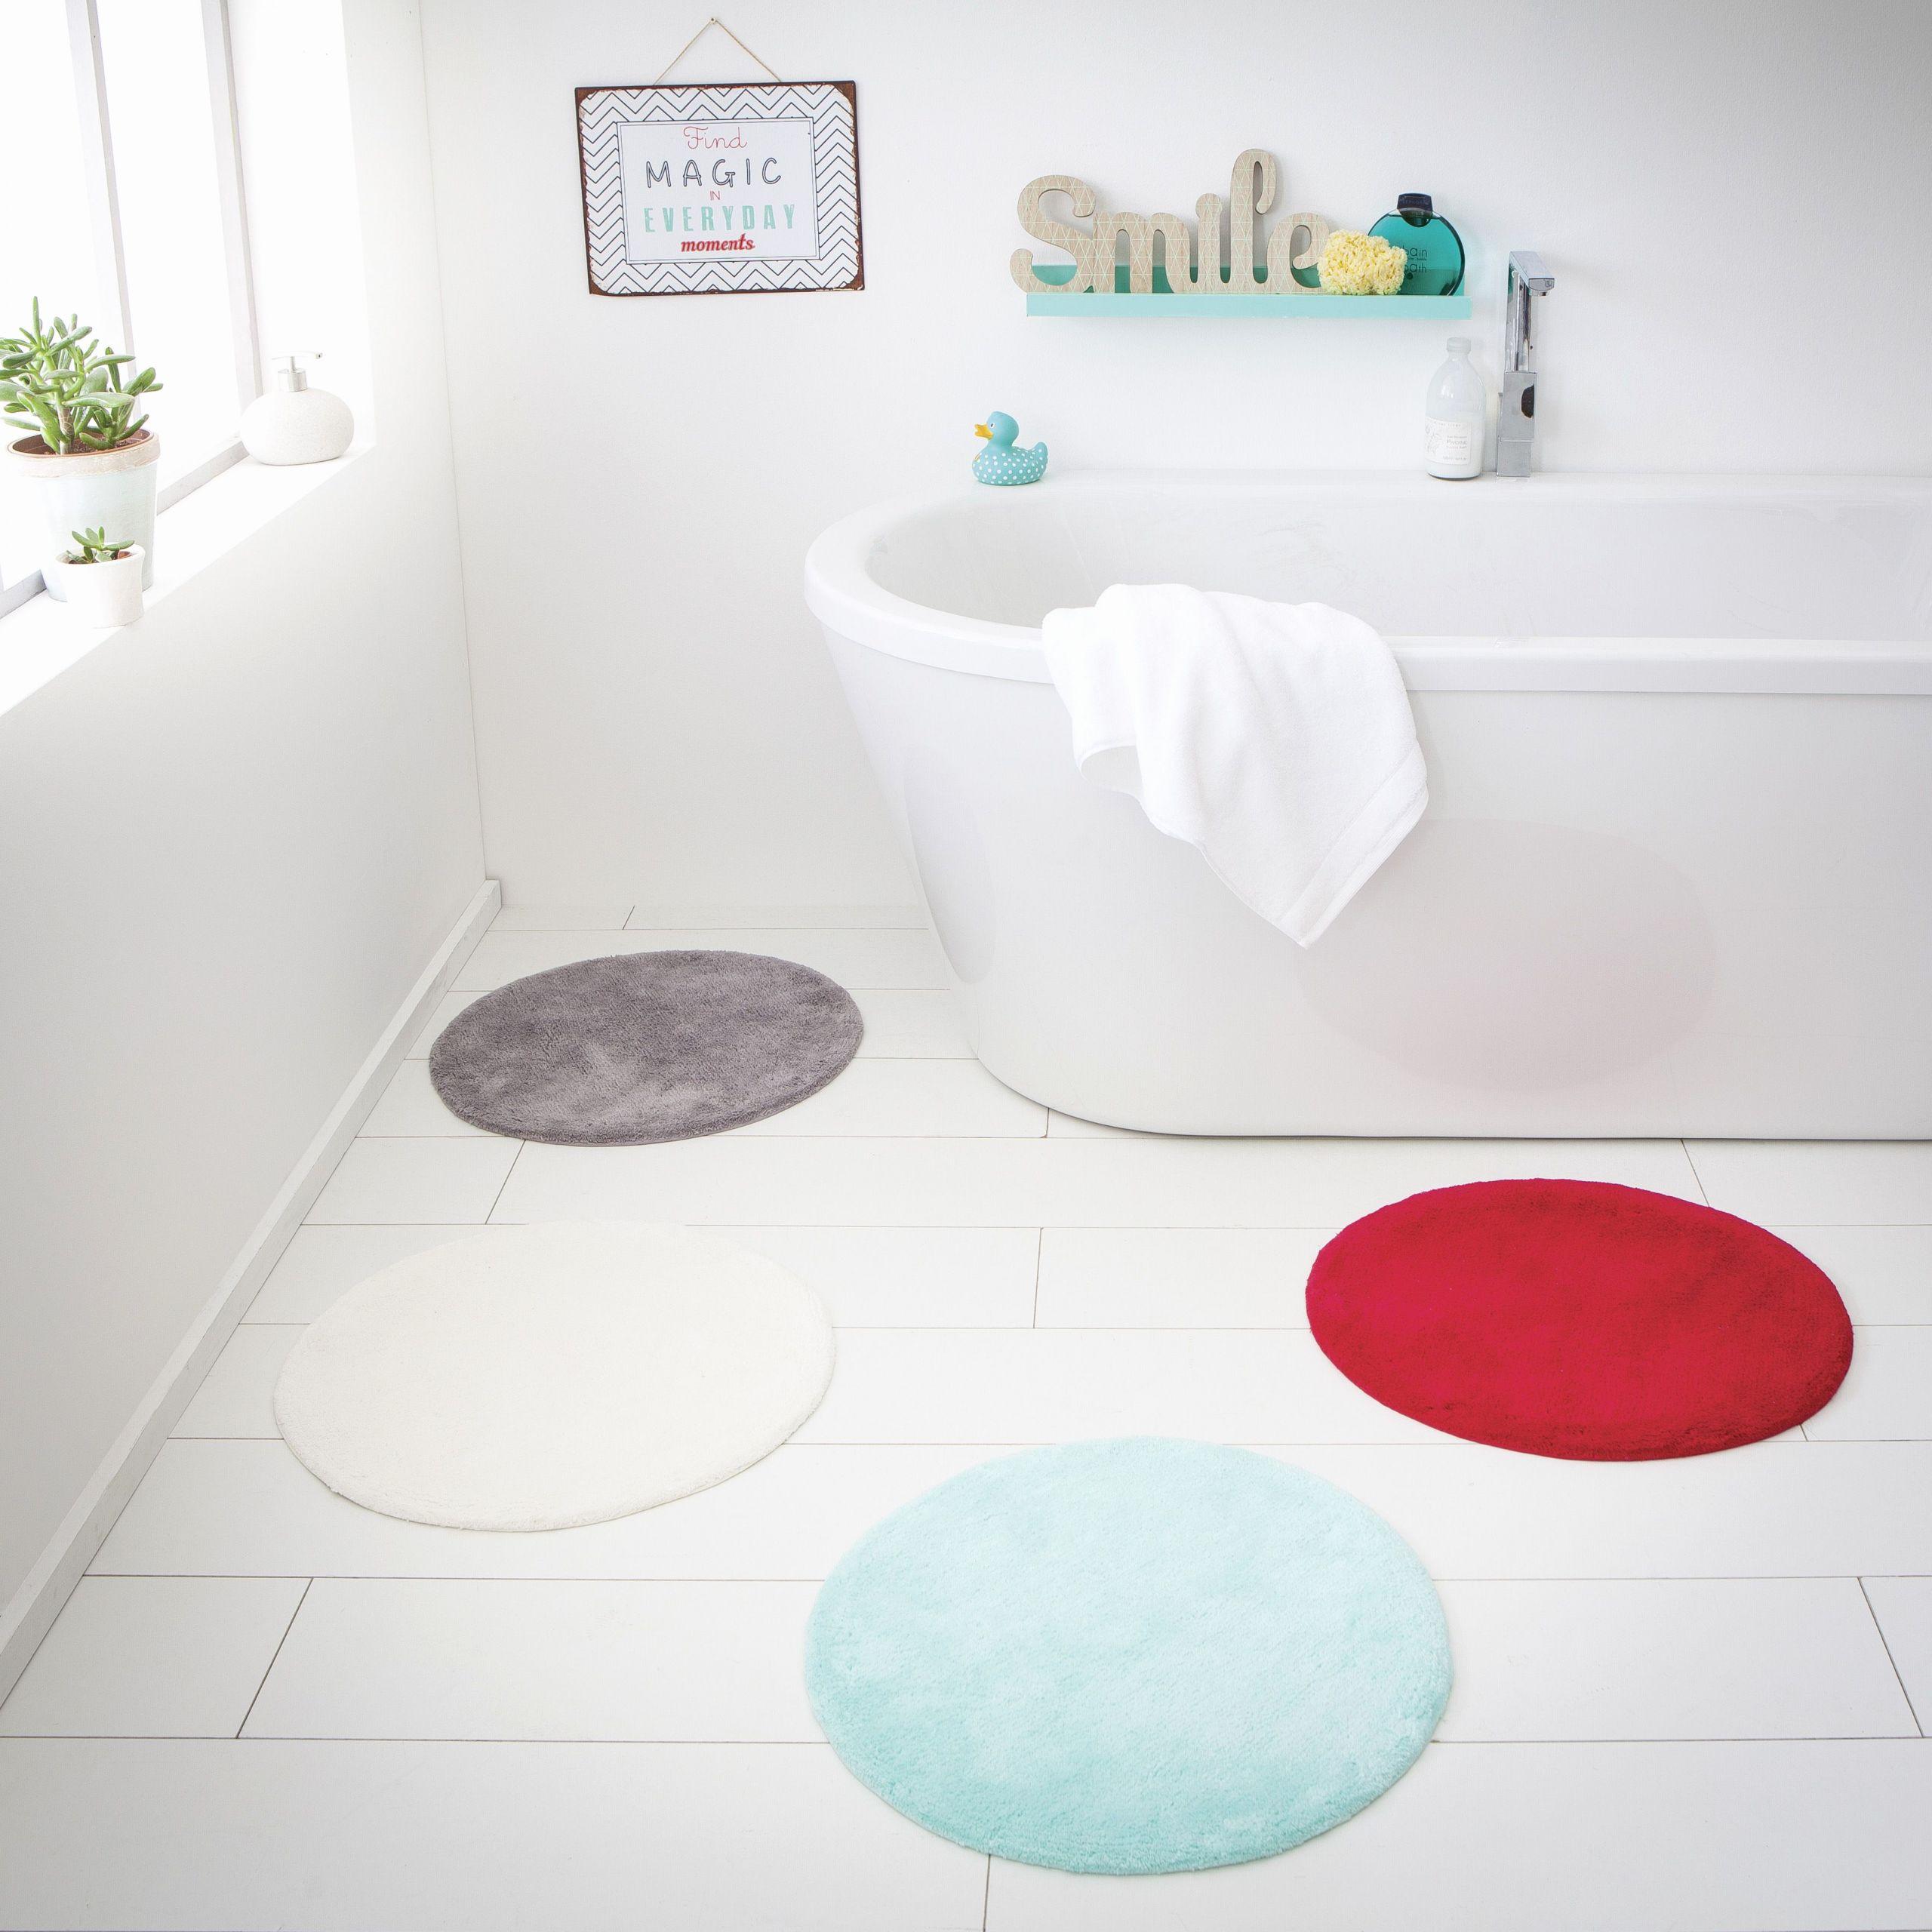 accessoire salle de bain carrefour elegant carrefour ustensiles de cuisine of accessoire salle de bain carrefour